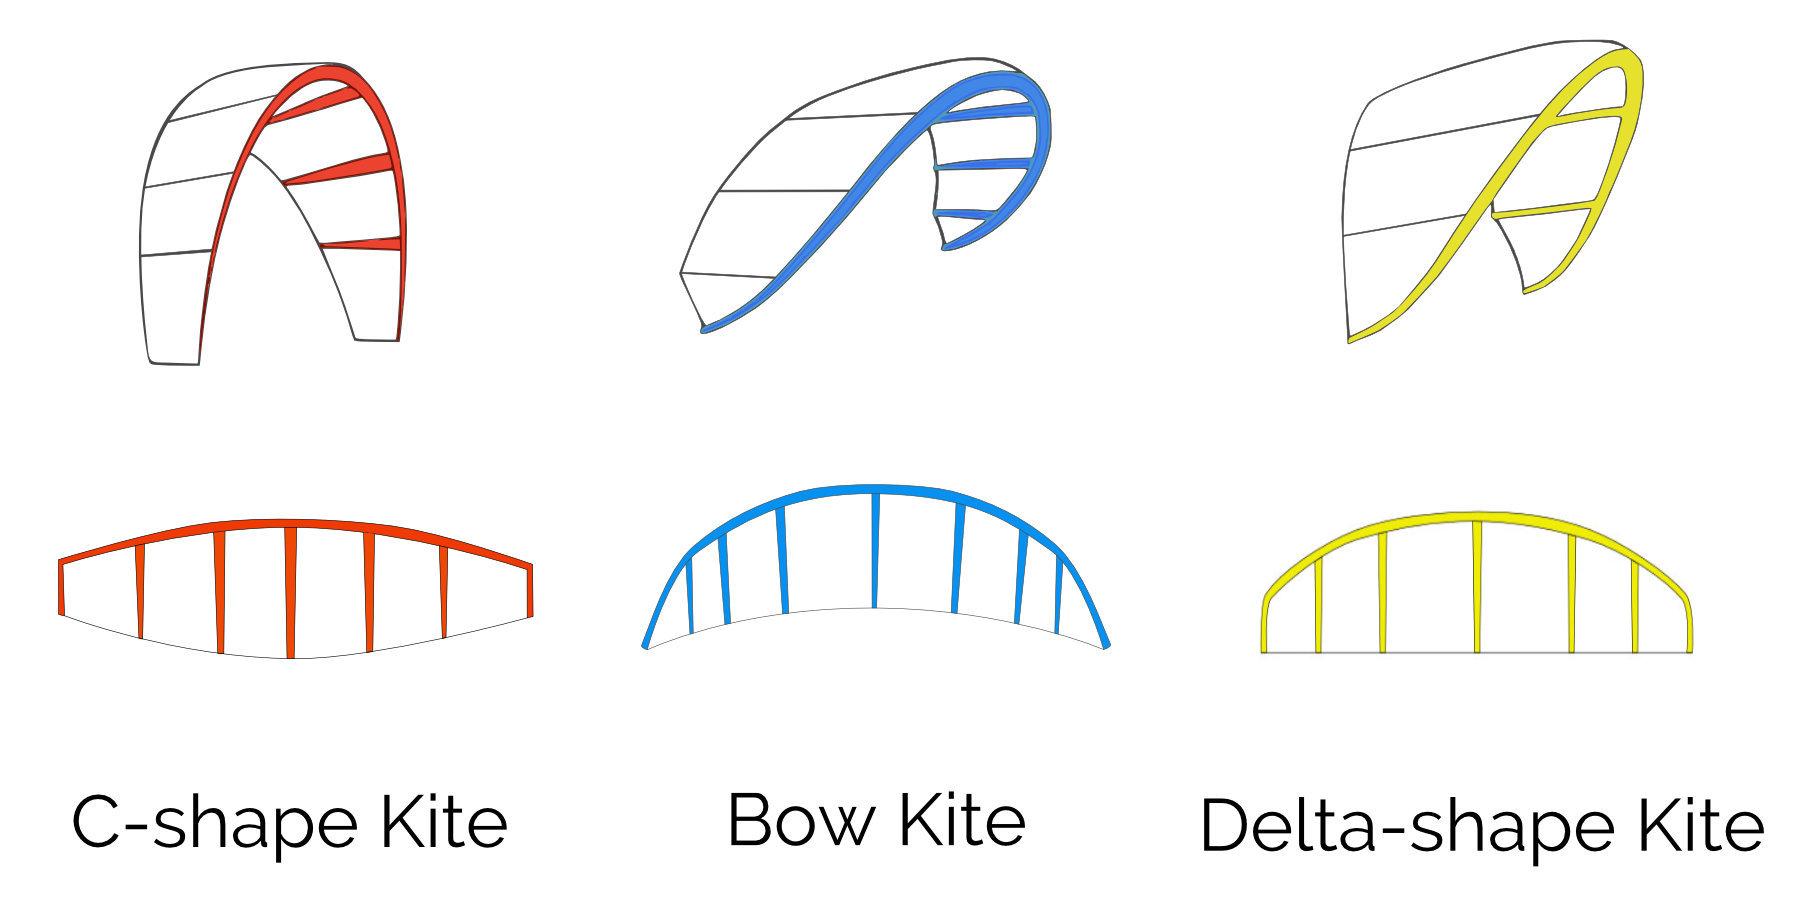 Kite shapes